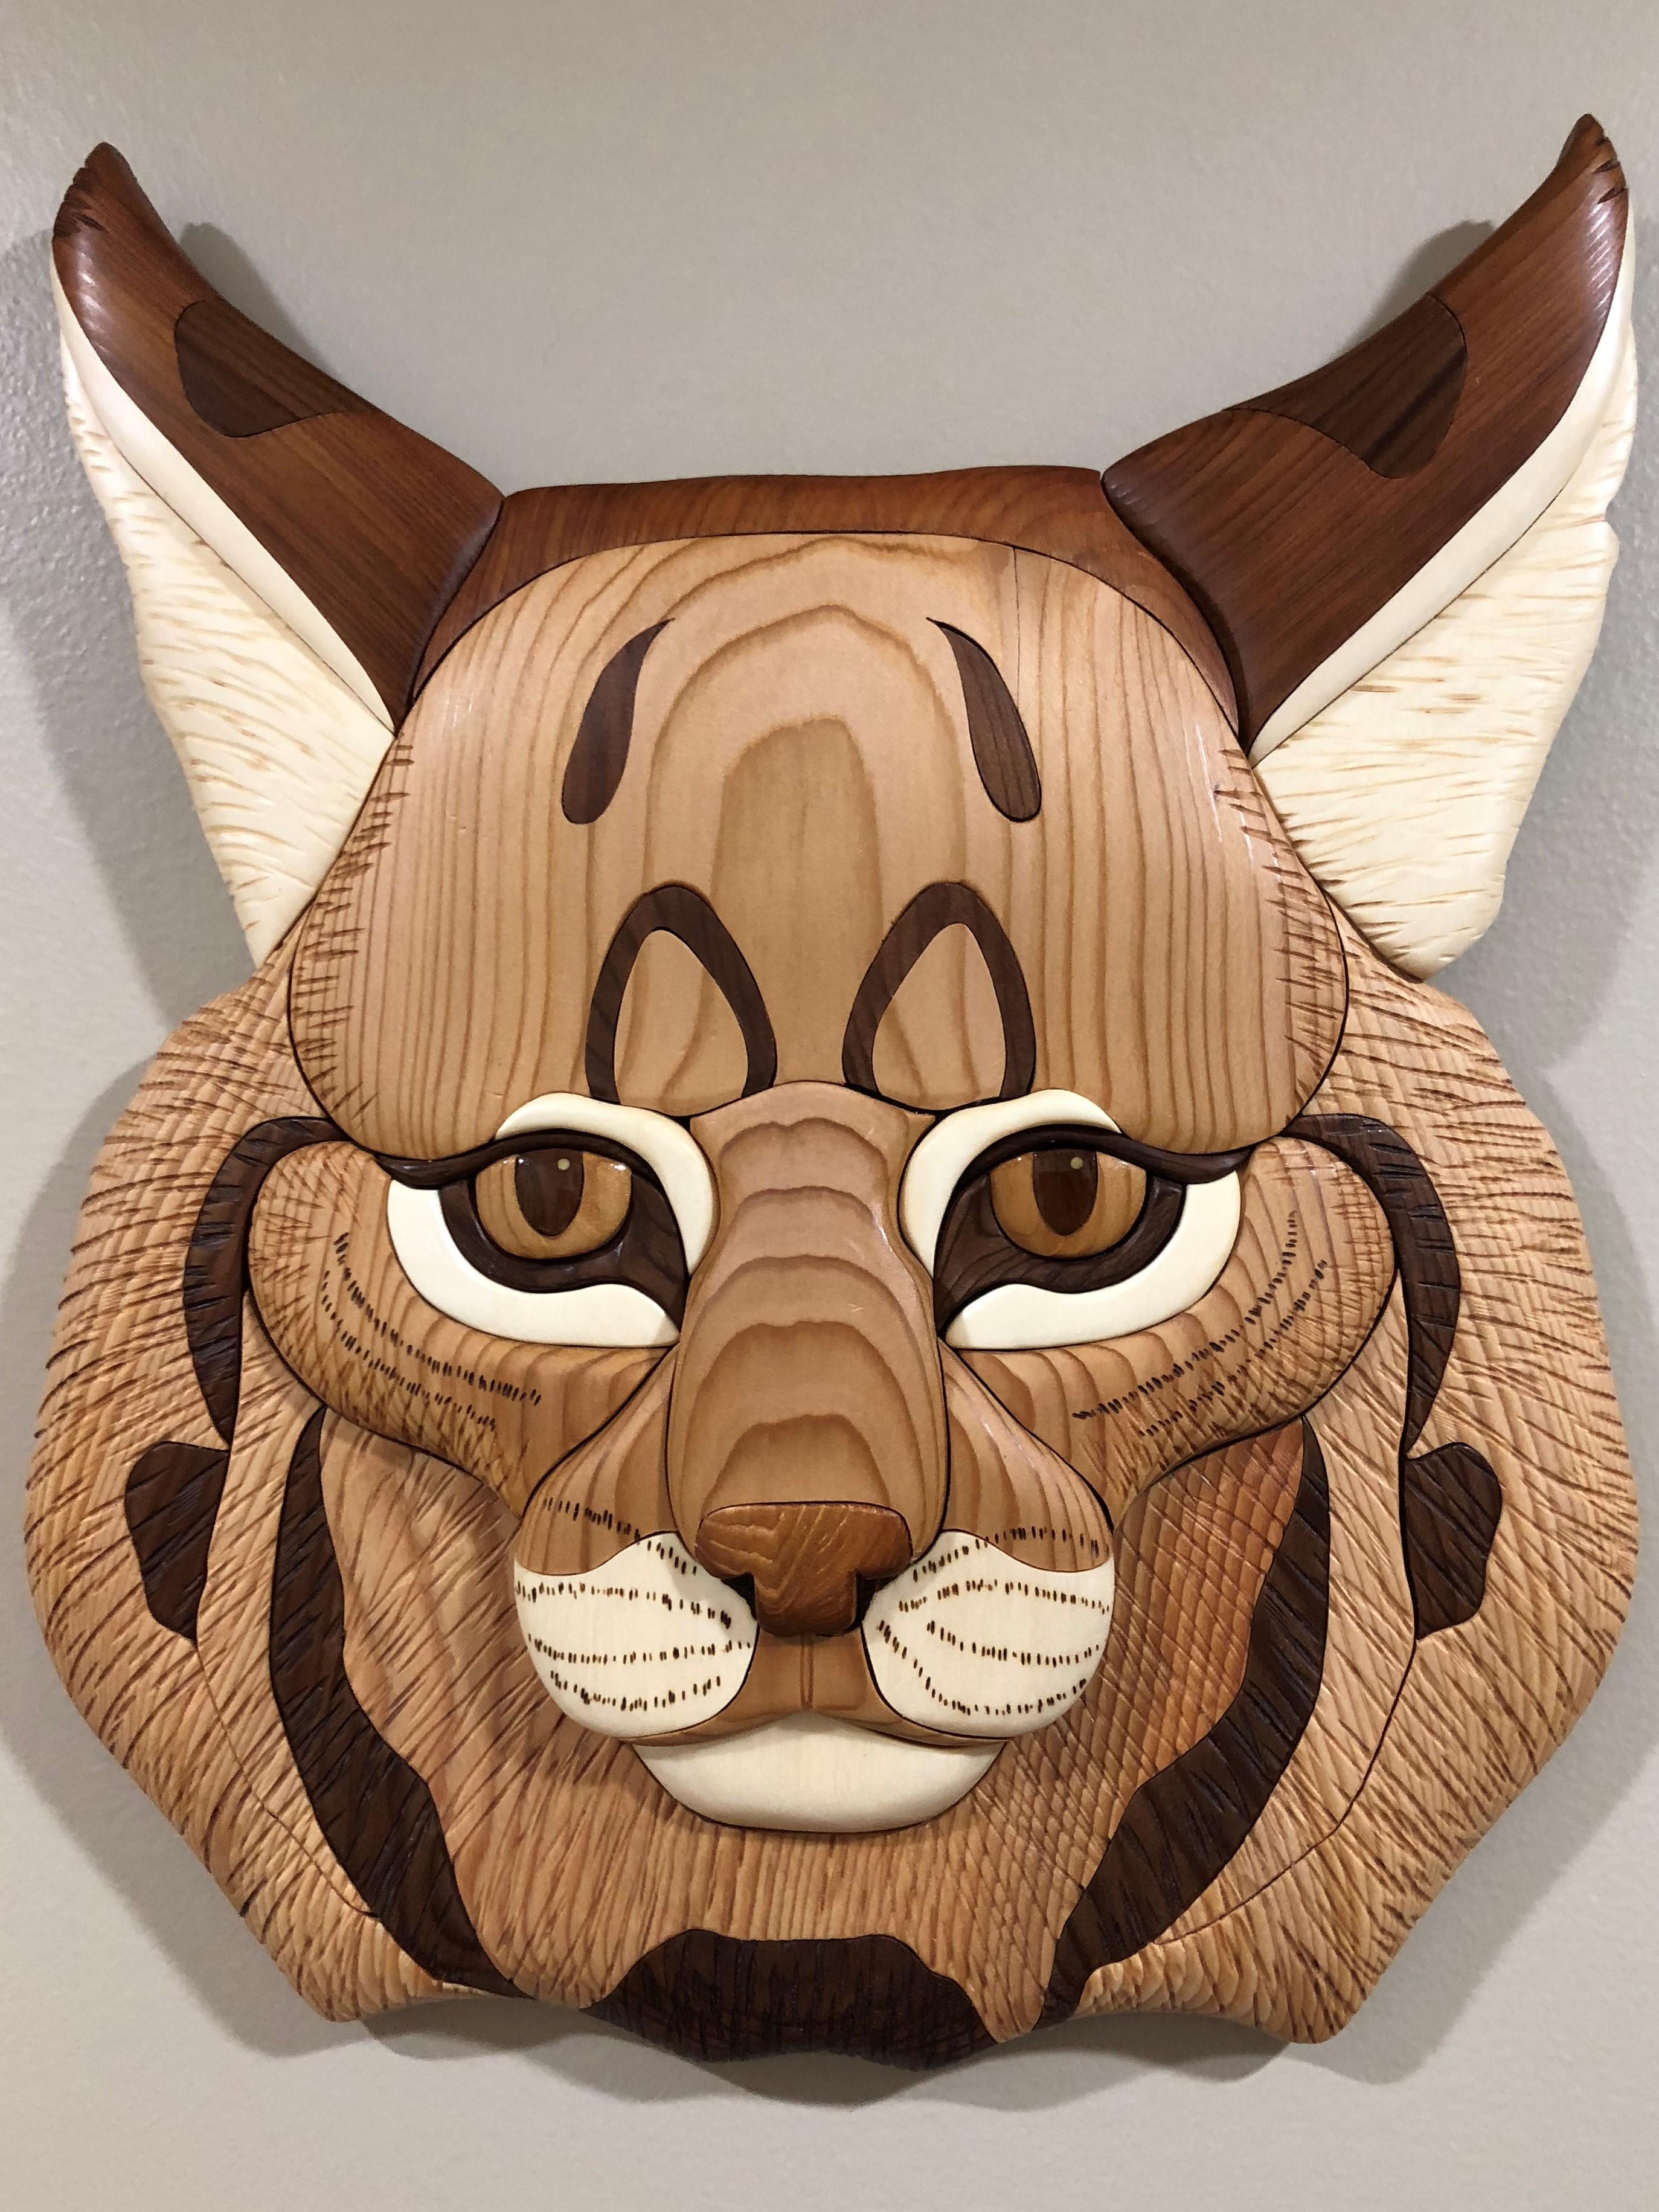 Intarsia Wildcat